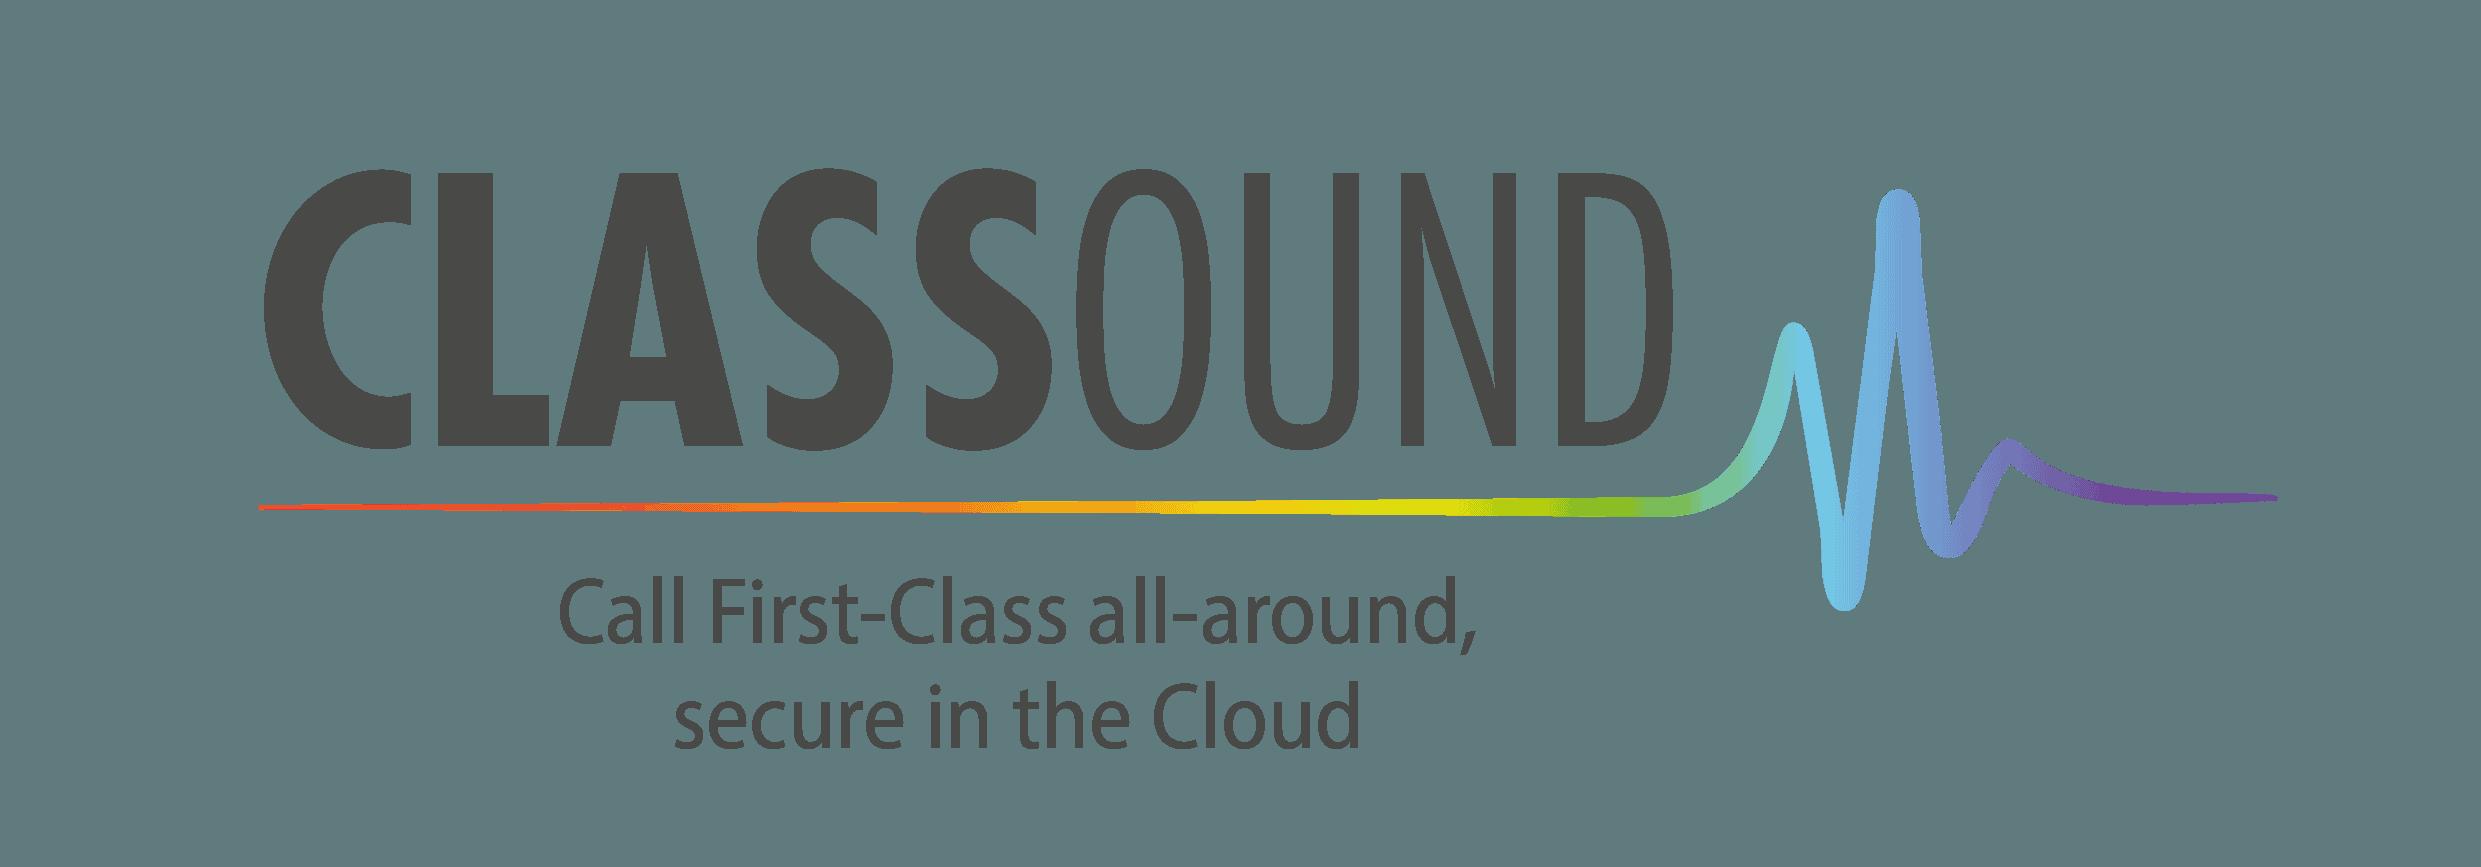 Classound logo